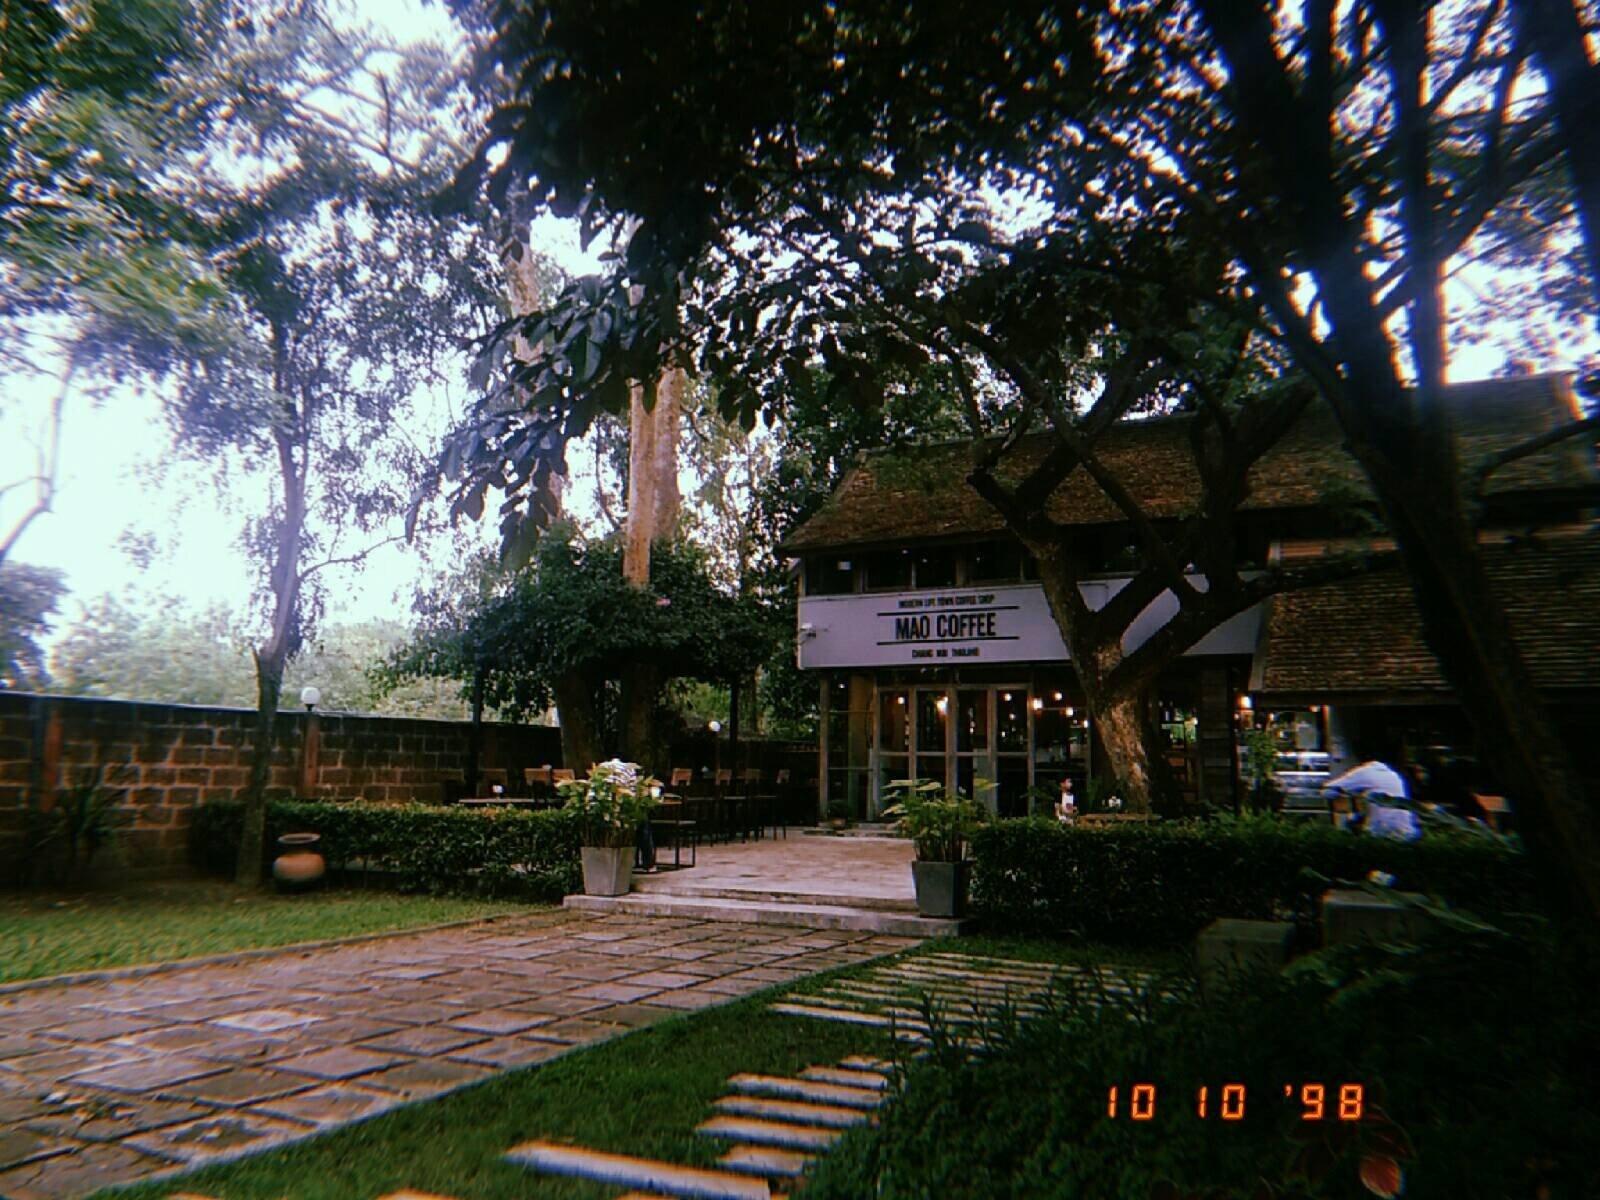 หน้าร้าน Mao Coffee